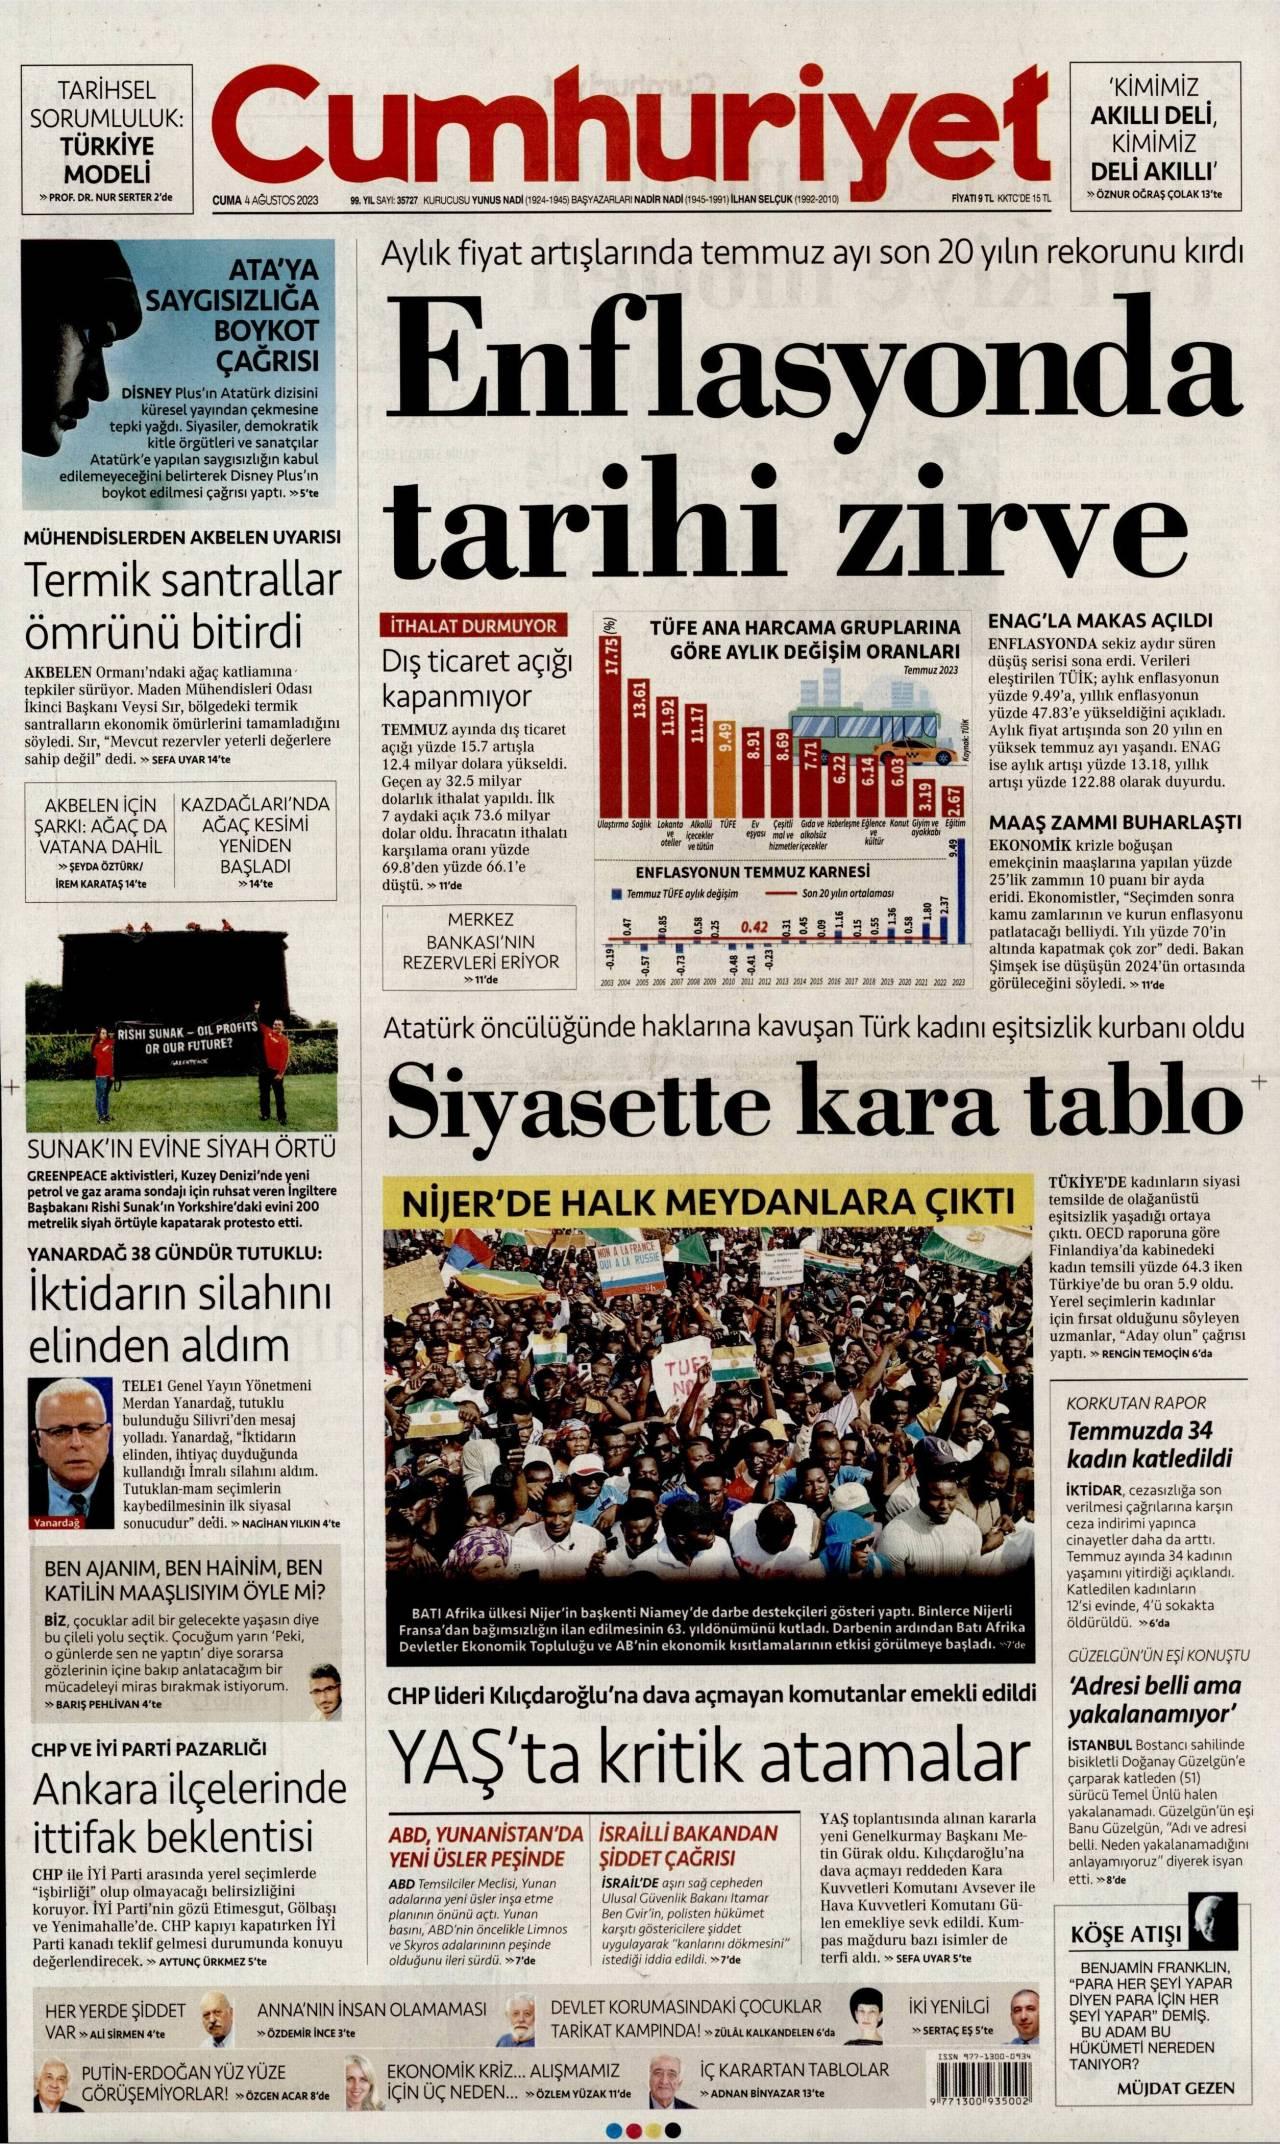 17.01.2018 tarihli Cumhuriyet gazetesinin 1. sayfası